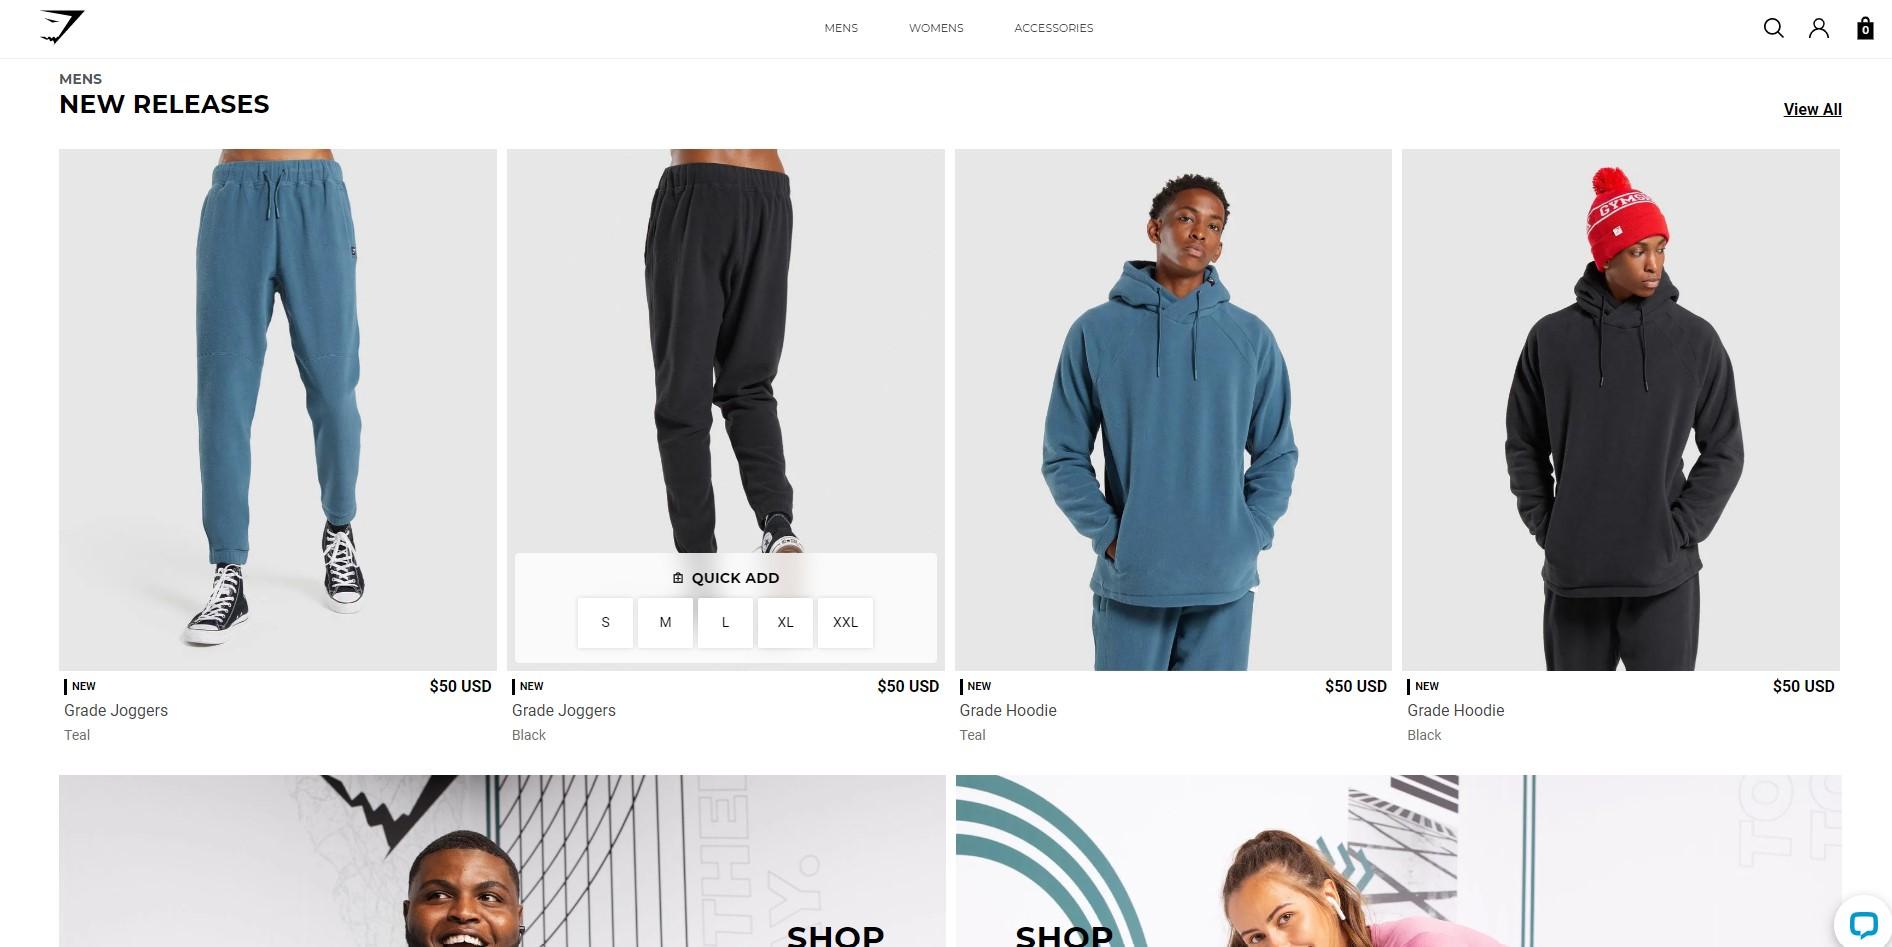 Gymshark webshop shopify